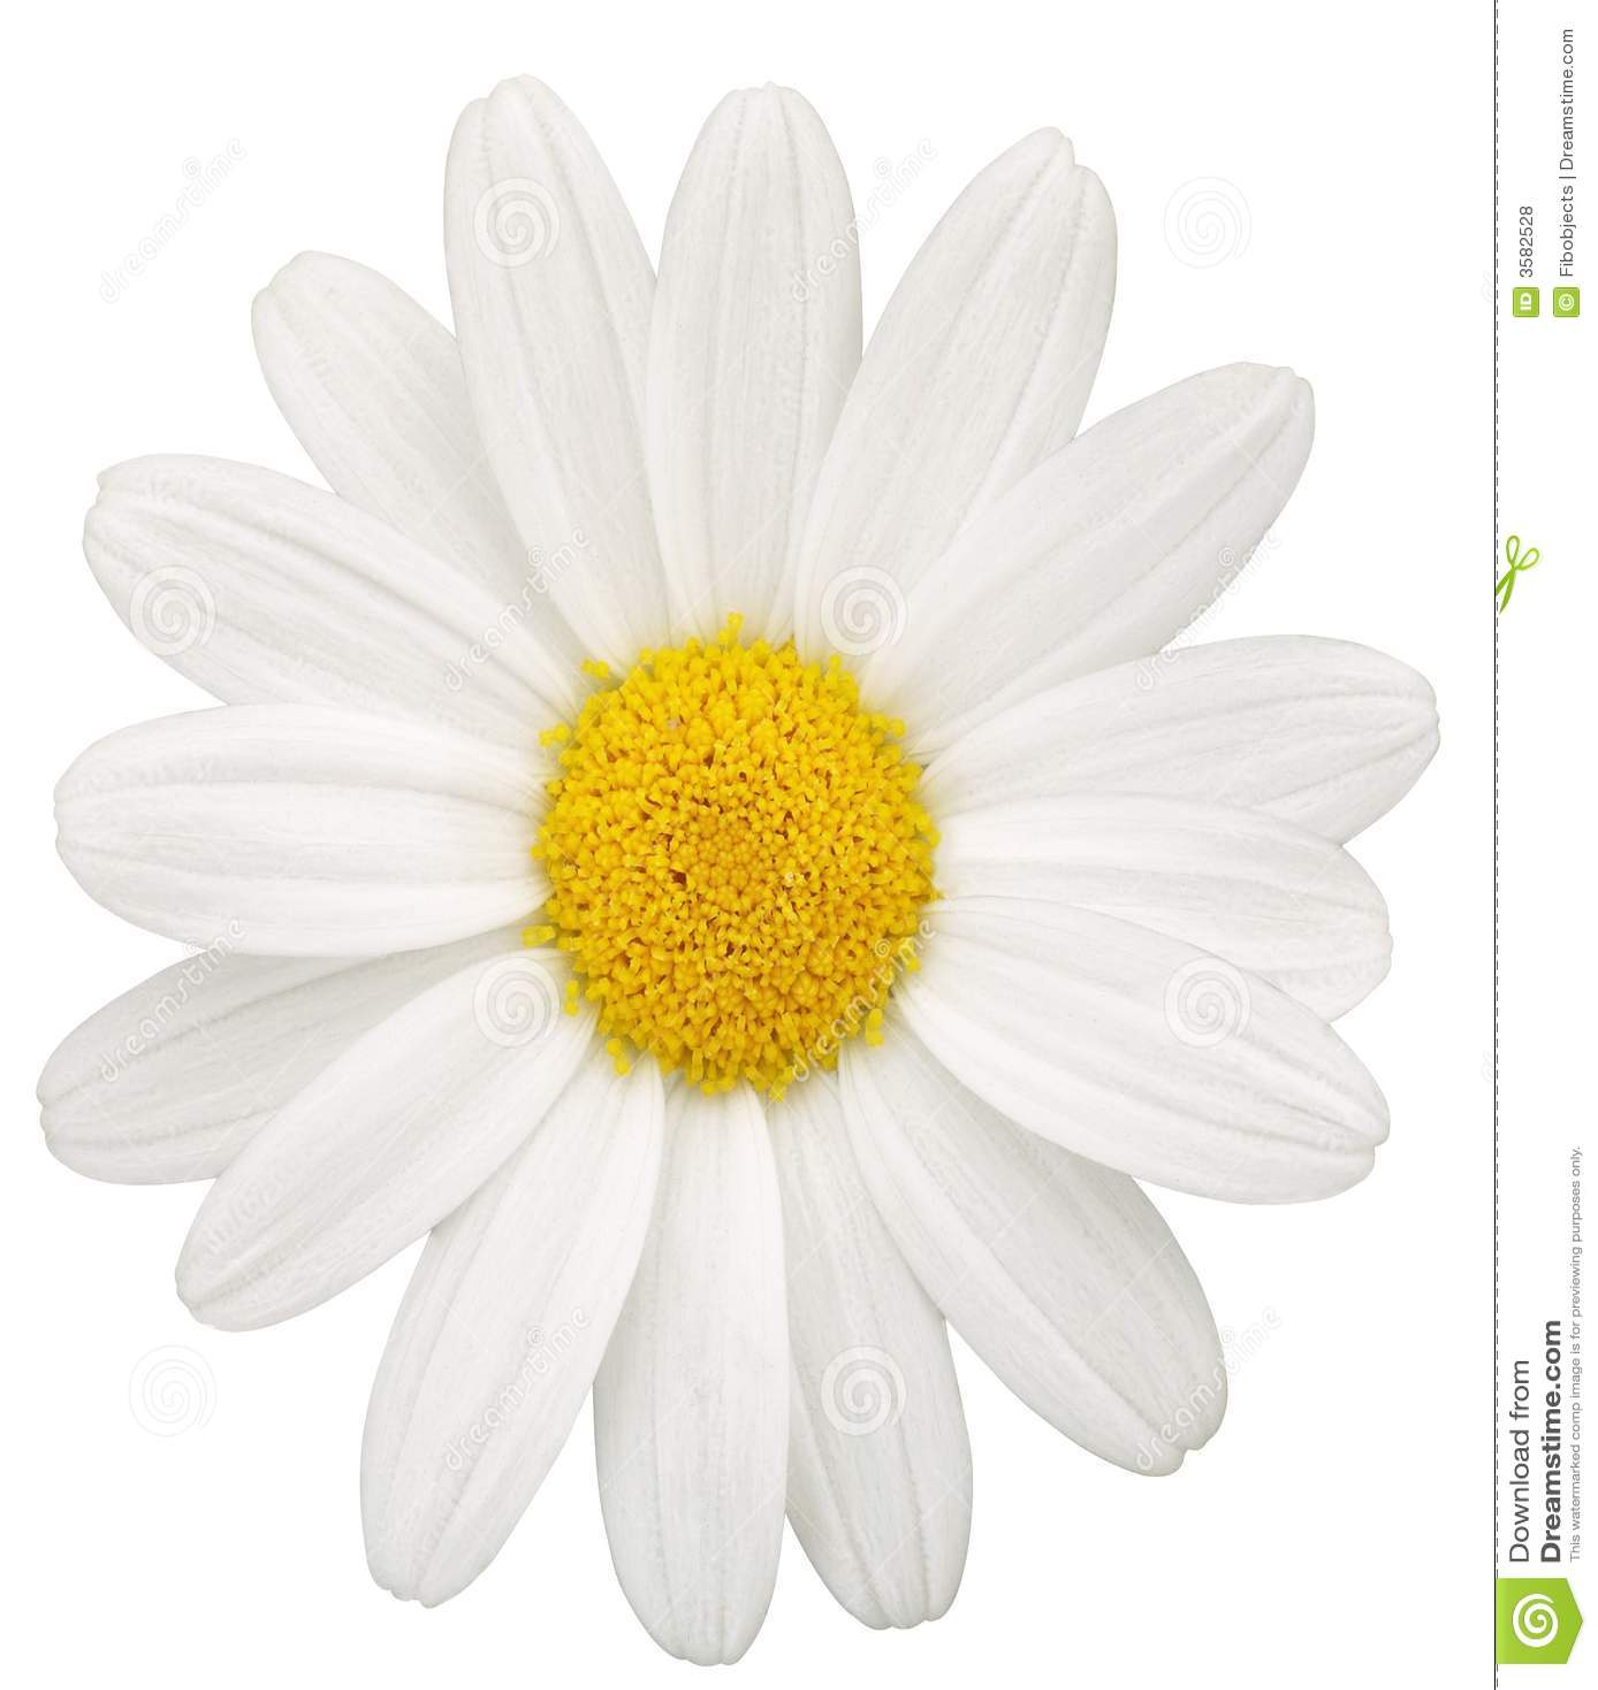 Daisy Royalty Free Stock Photos - Image: 3582528